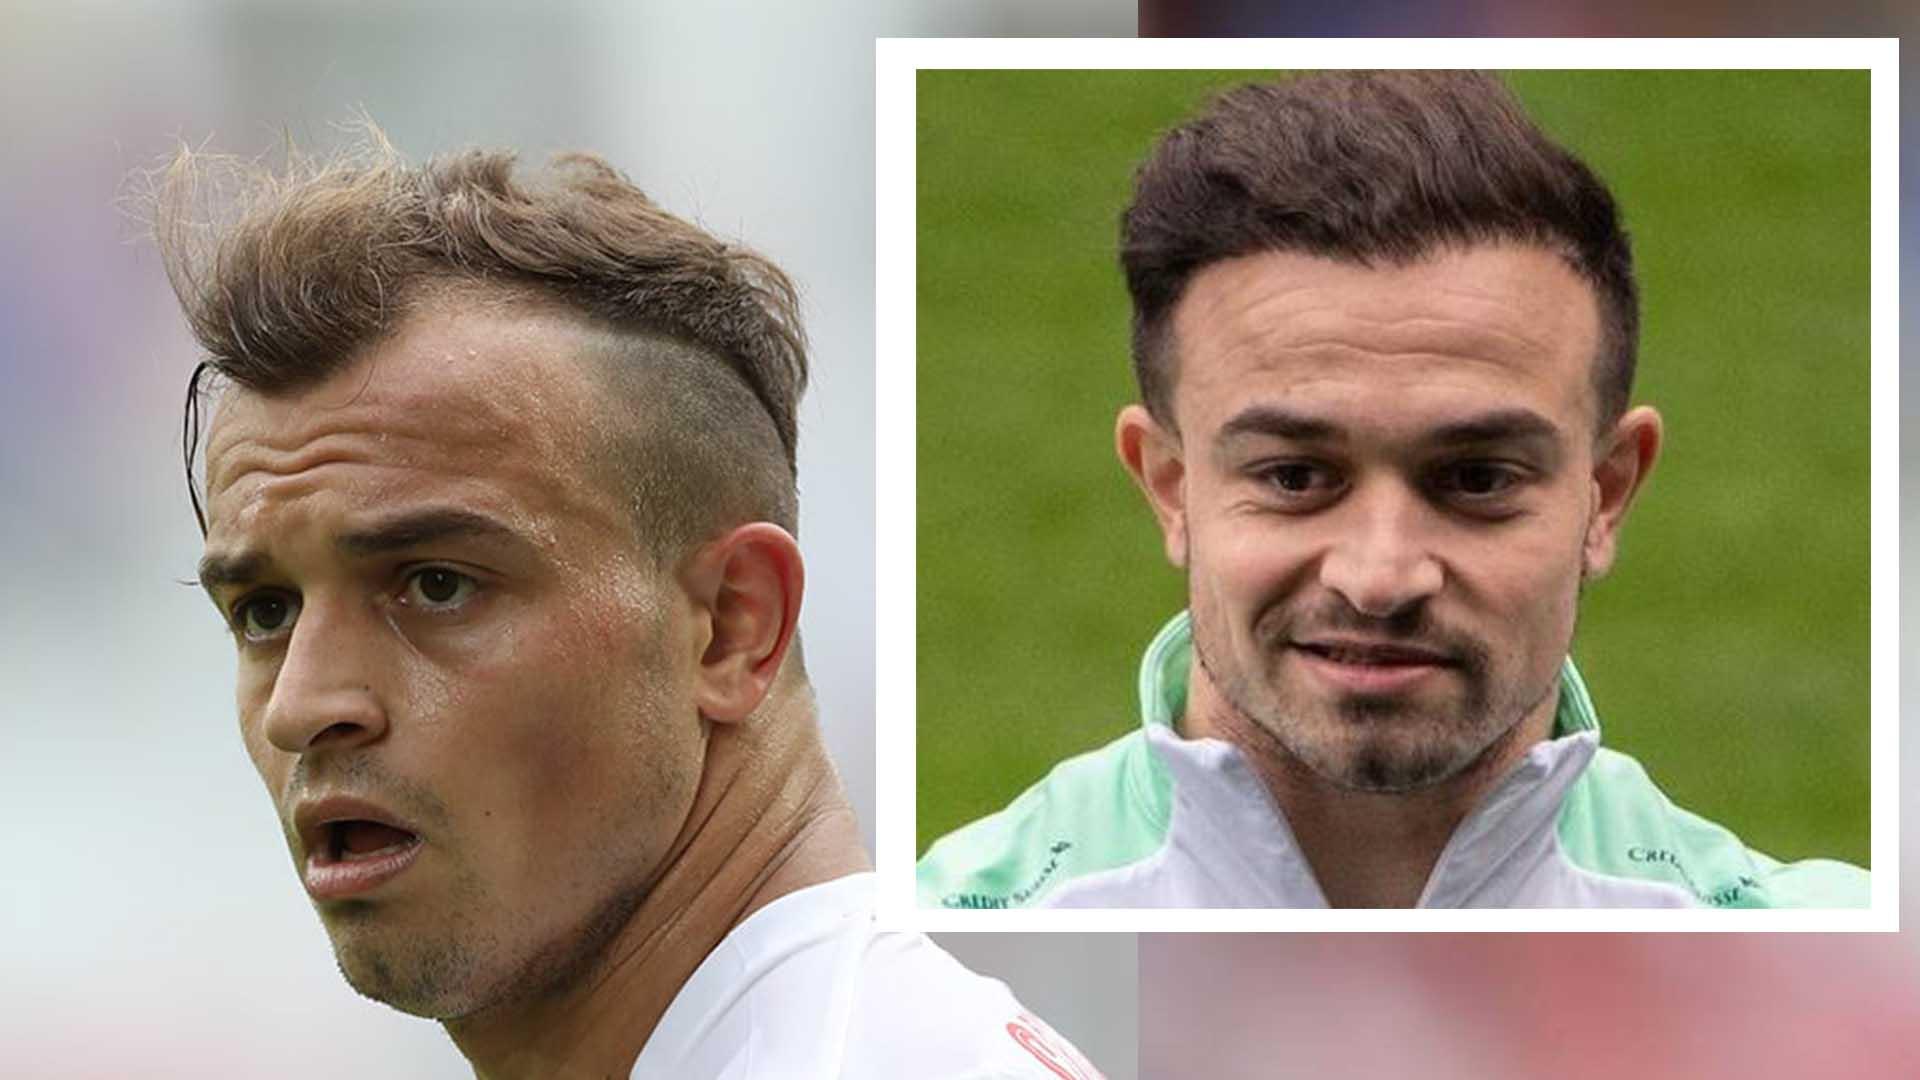 Xherdan Shaqiri Hair Transplant and Hair Analysis before and after